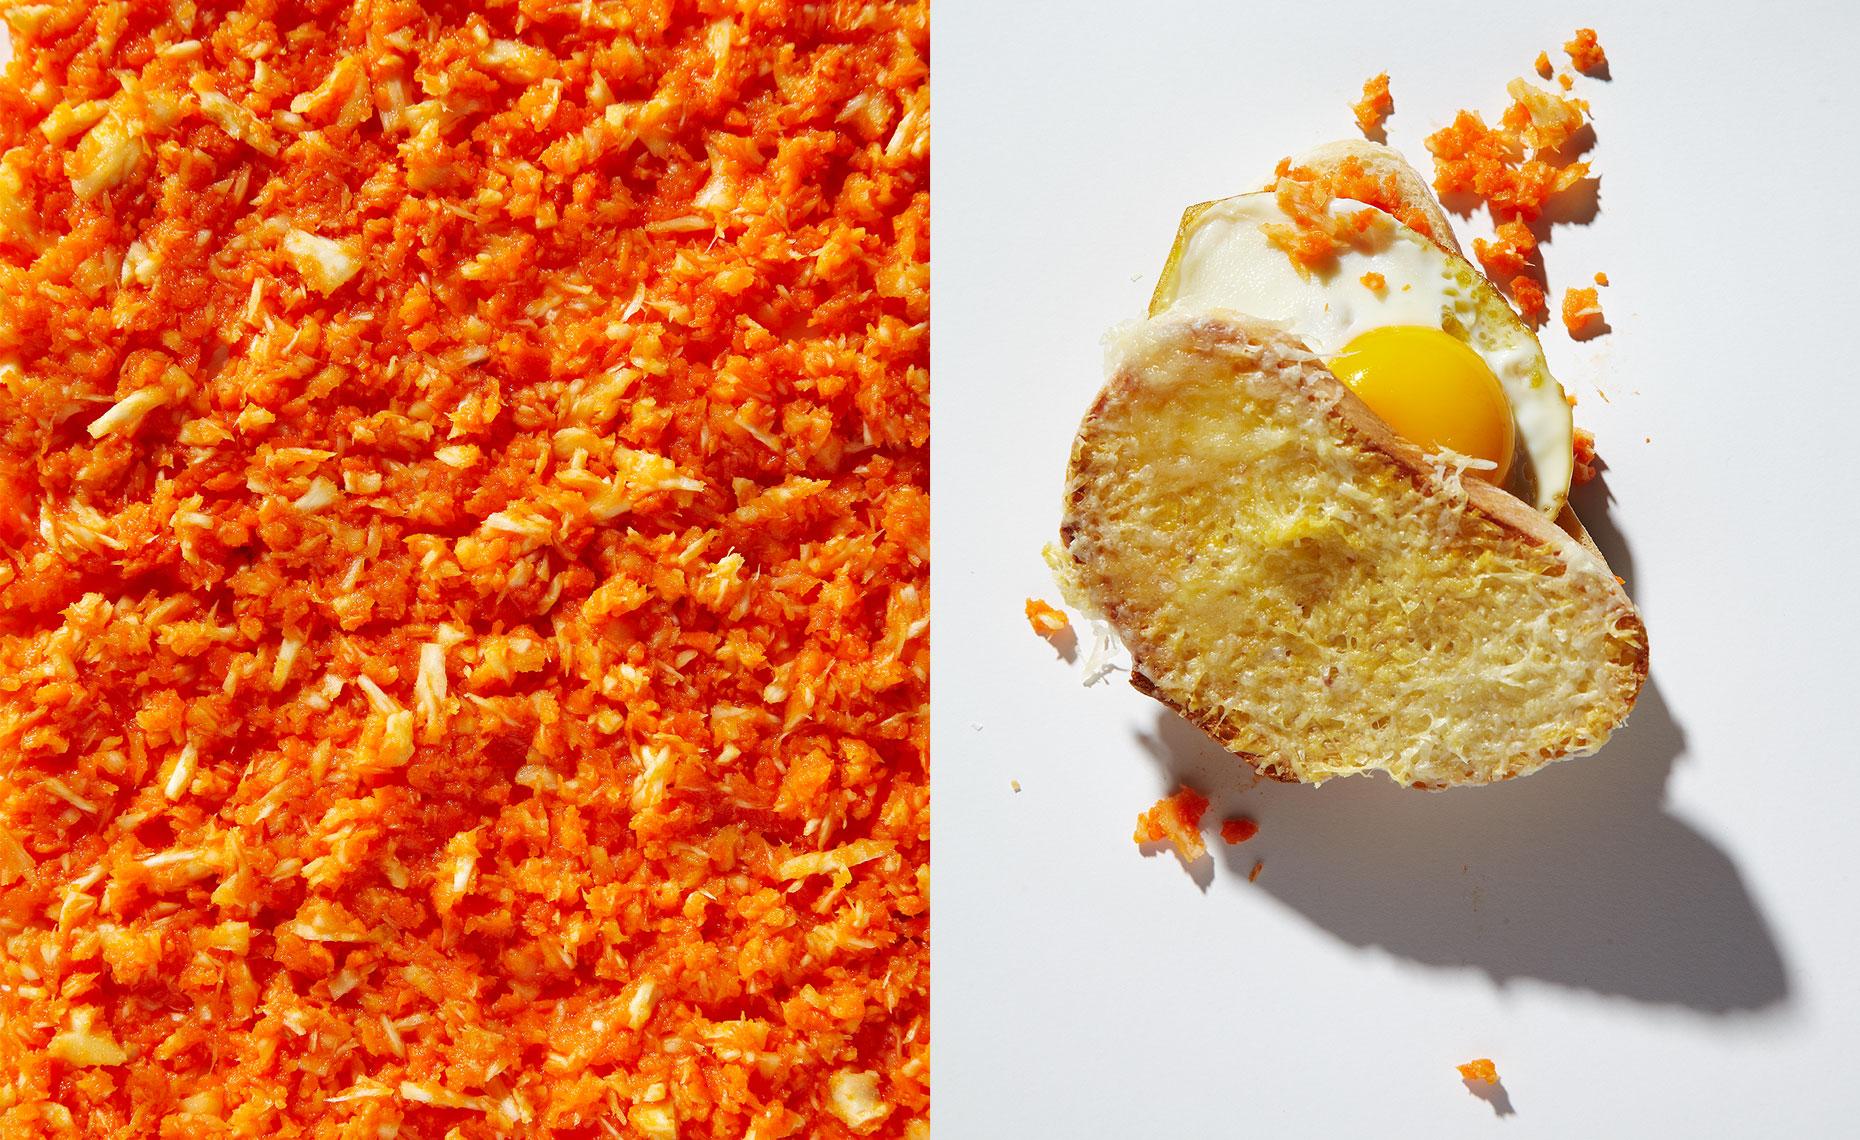 carrots-and-egg-sandwich-resized.jpg